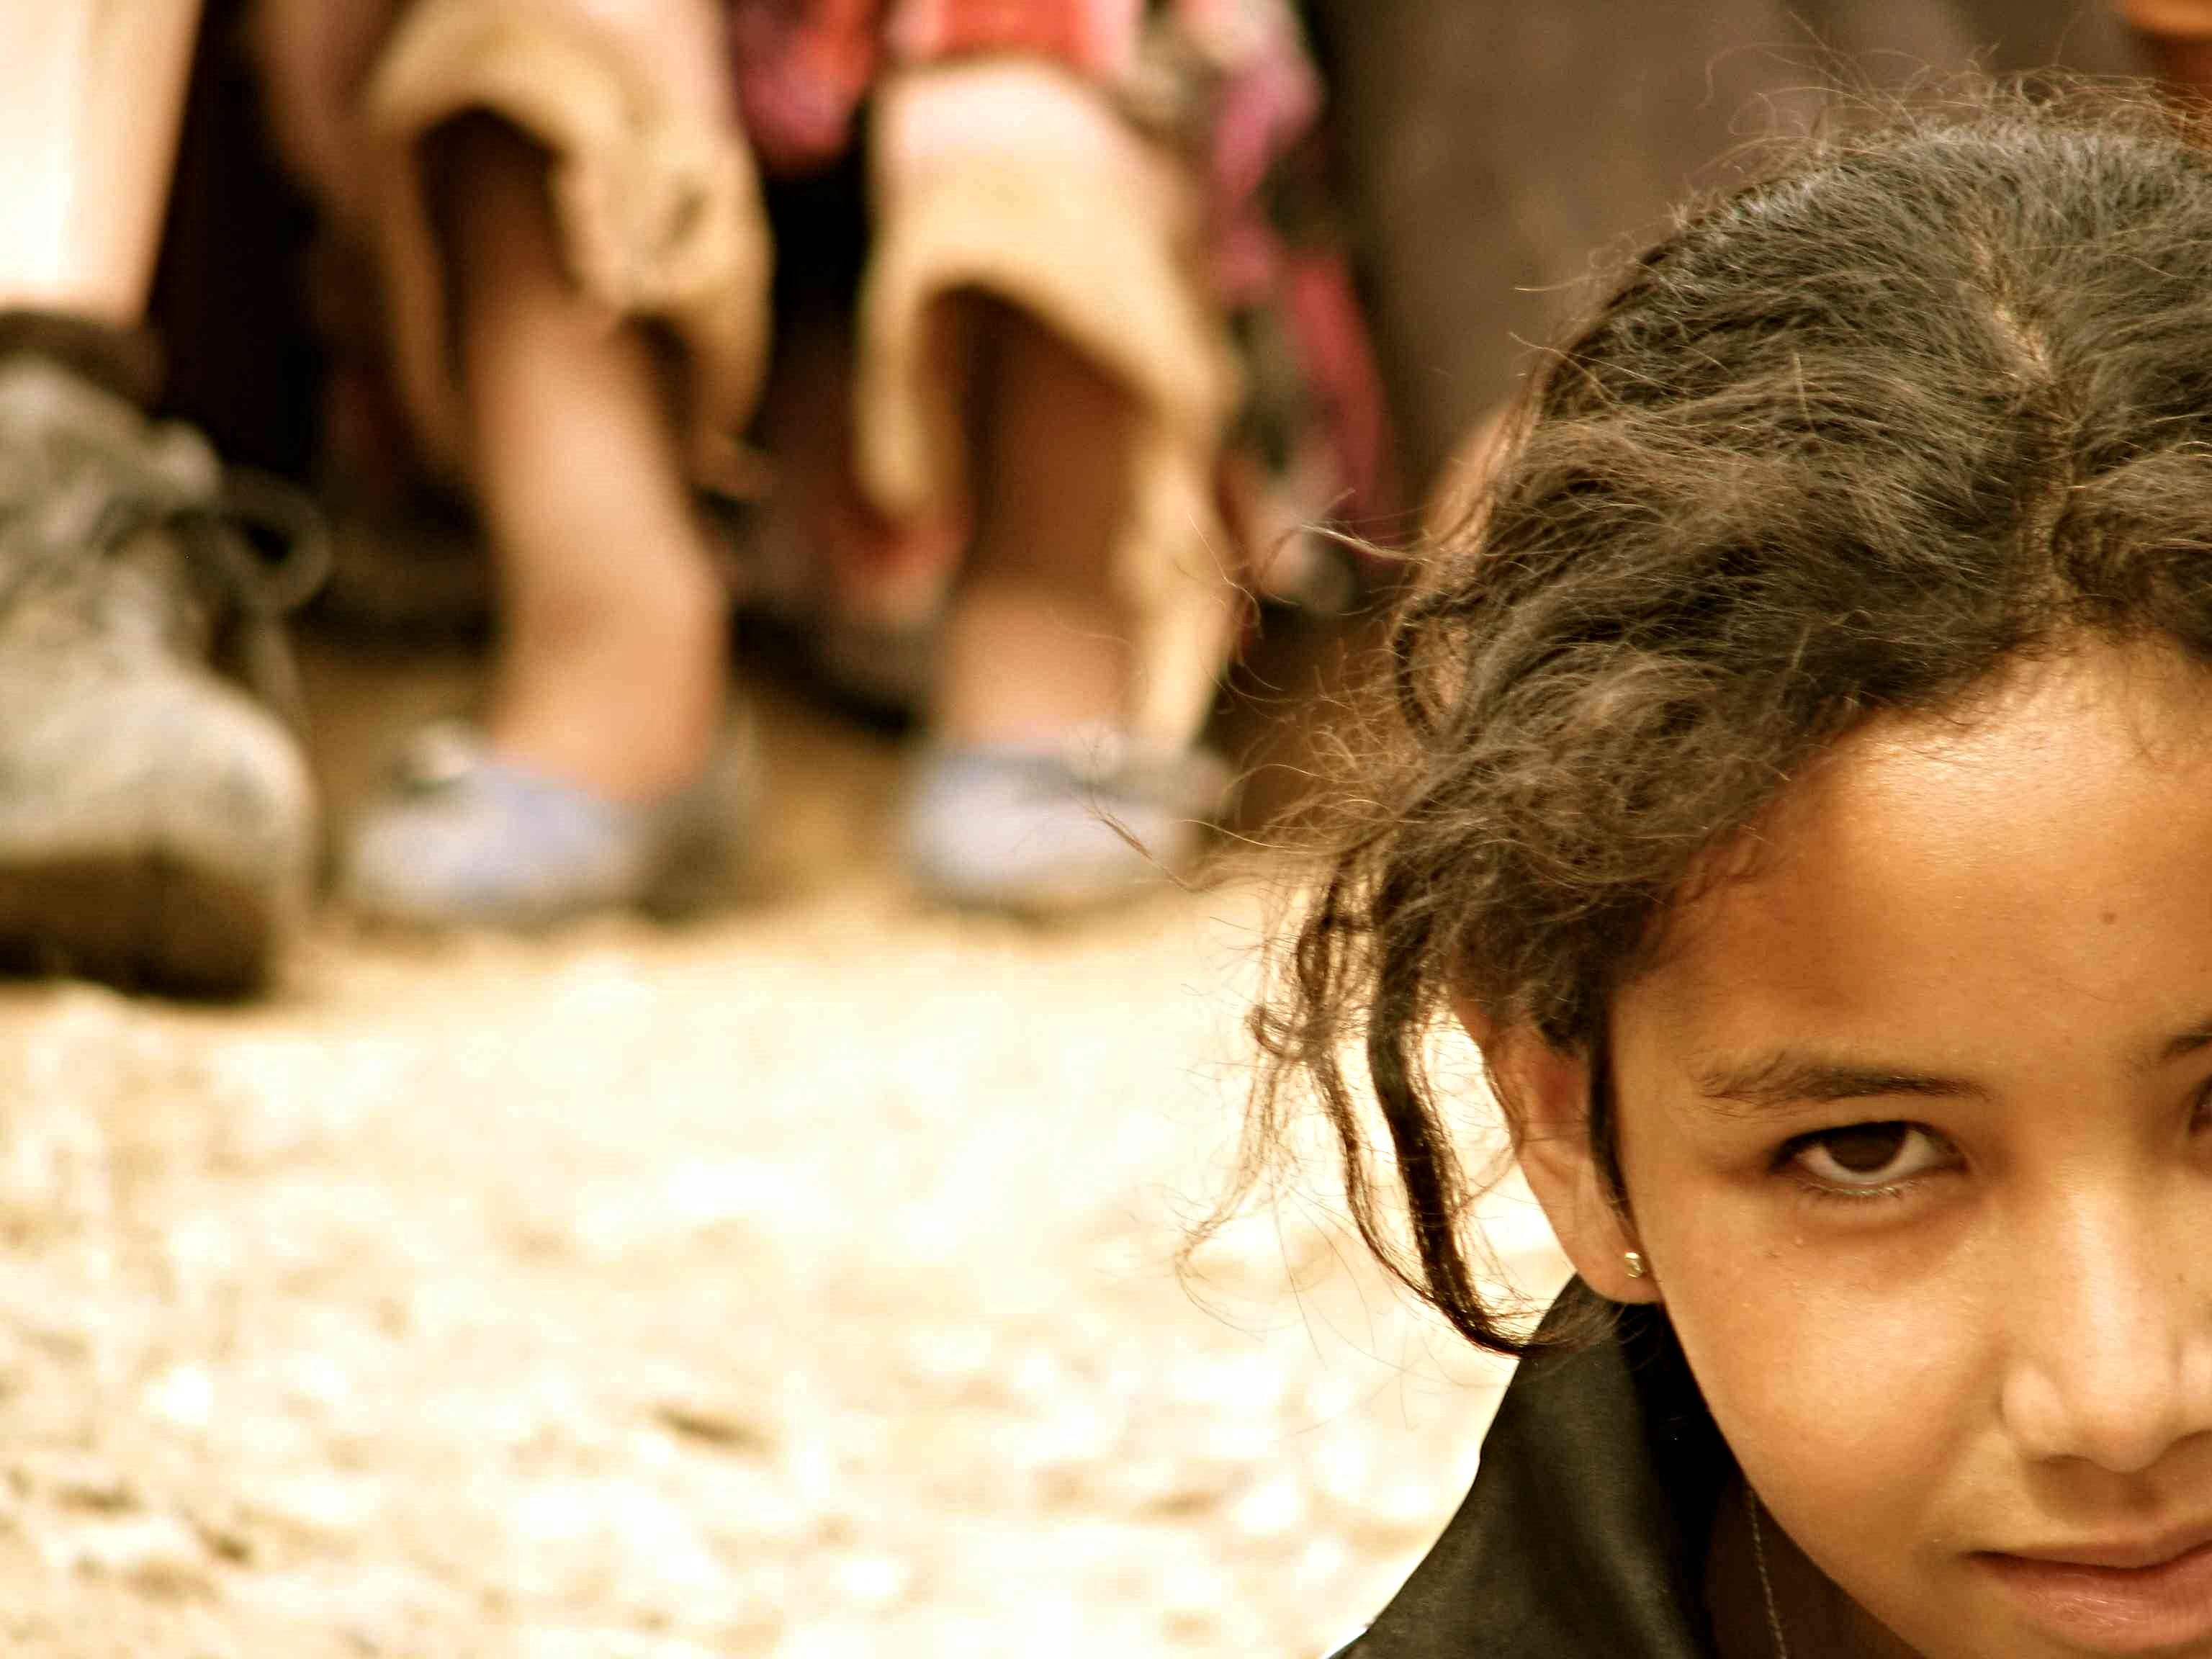 Mirada. La mirada cómplice de las niñas de Ifoulou. Imagen presentada la exposición: 'El péndulo en tu mirada'